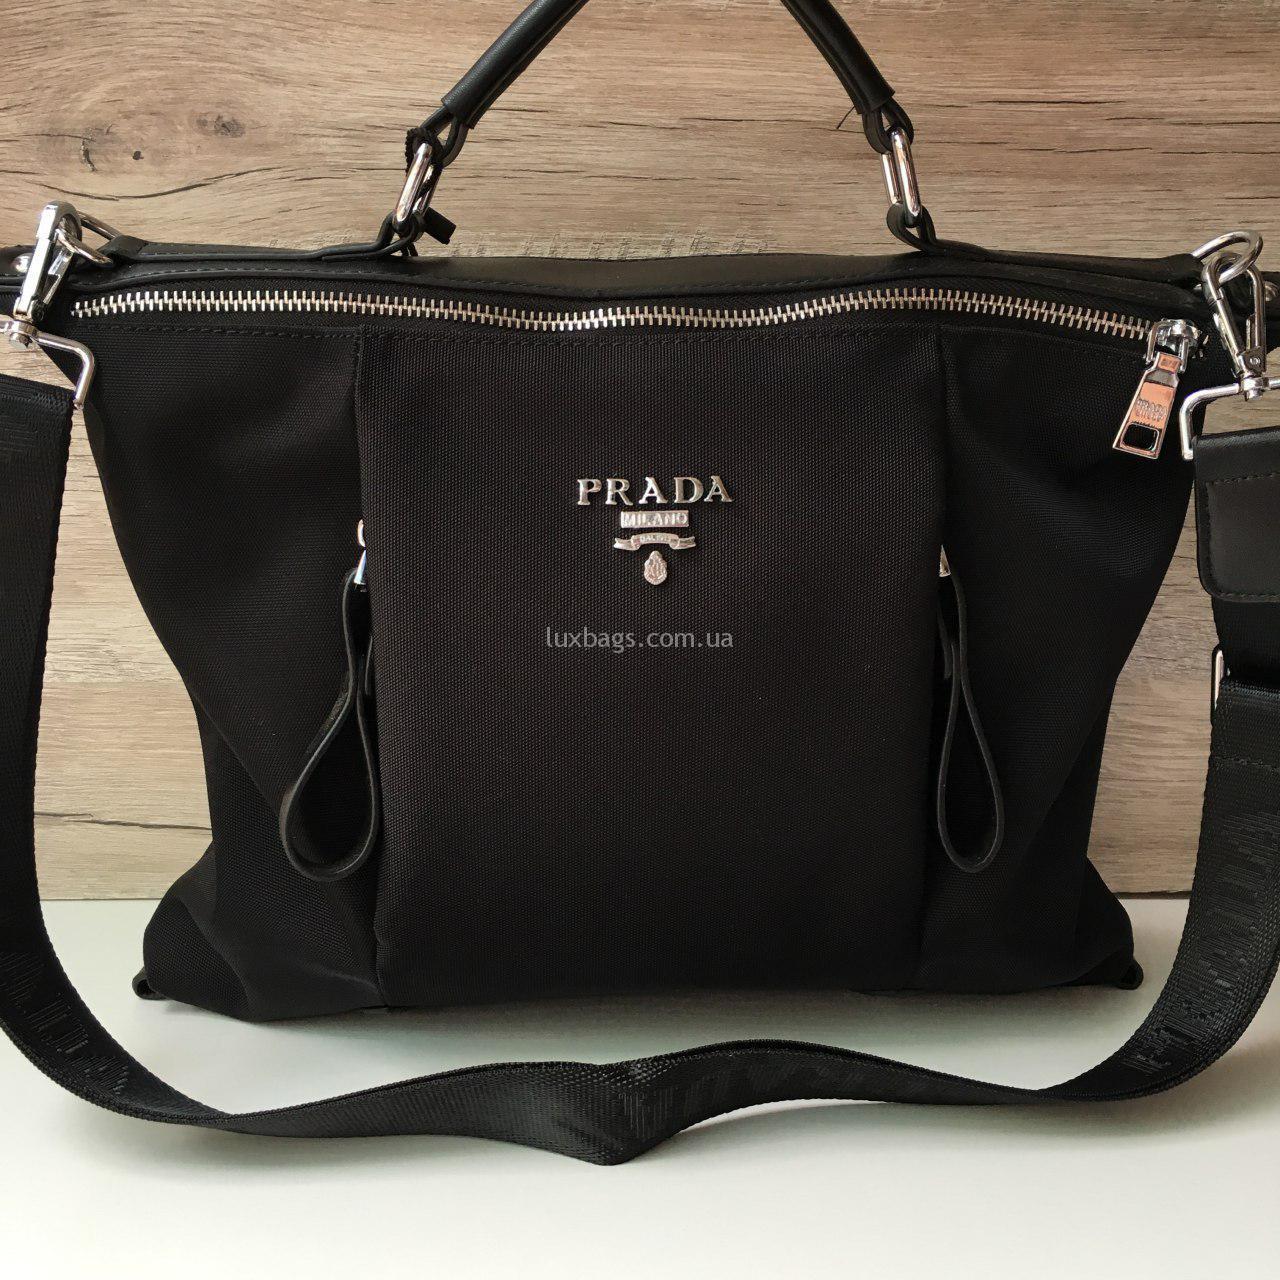 Купить Женская сумка трансформер Prada   lux-bags 95dd8157275